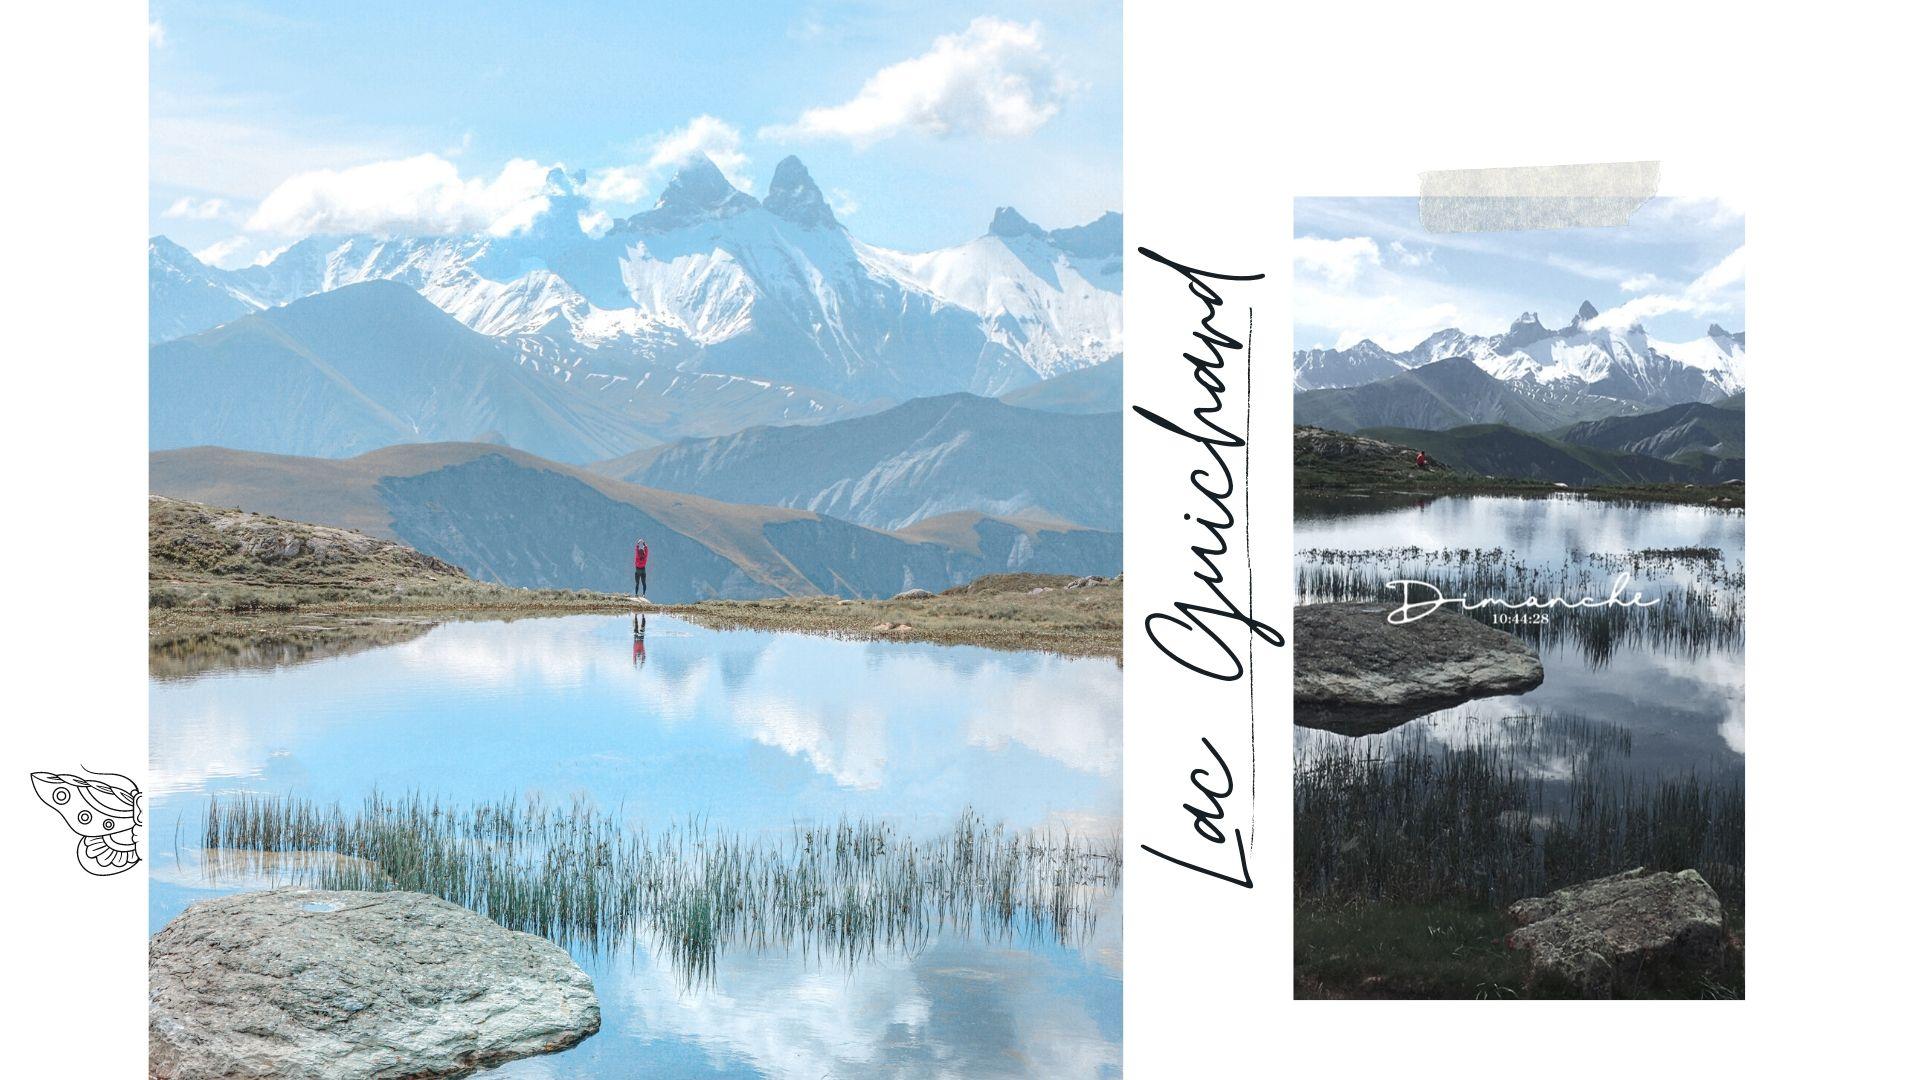 randonnée lac guichard saint sorlin